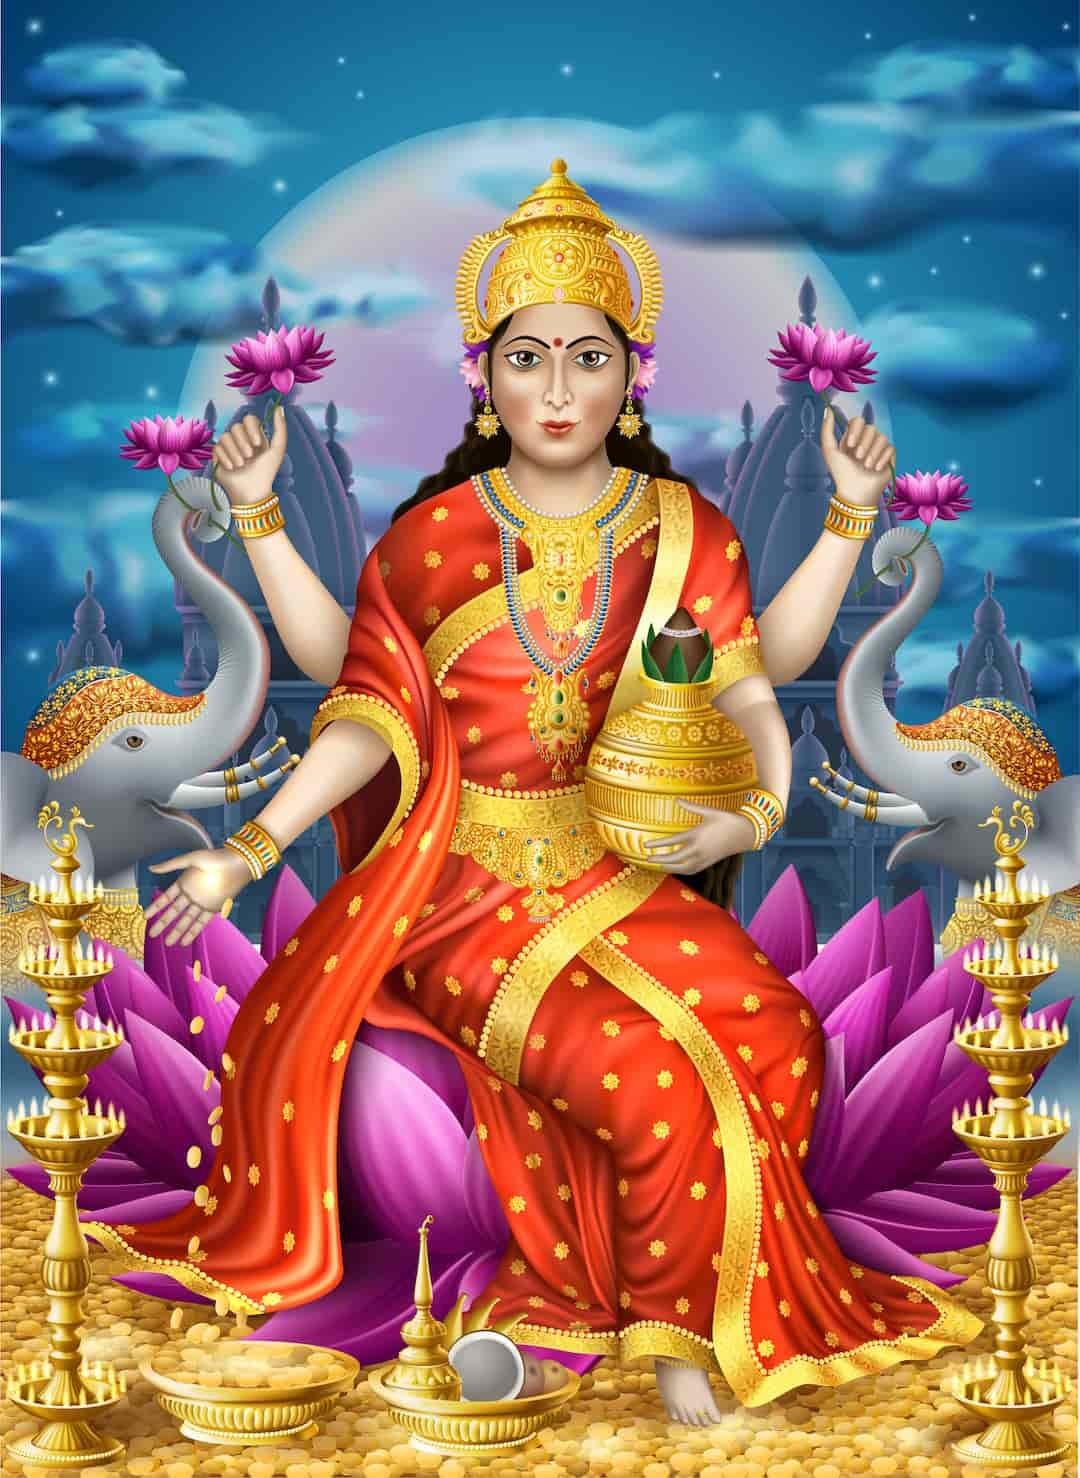 印度財富女神拉克什米身著黃金,足見黃金在印度人心中的崇高地位。